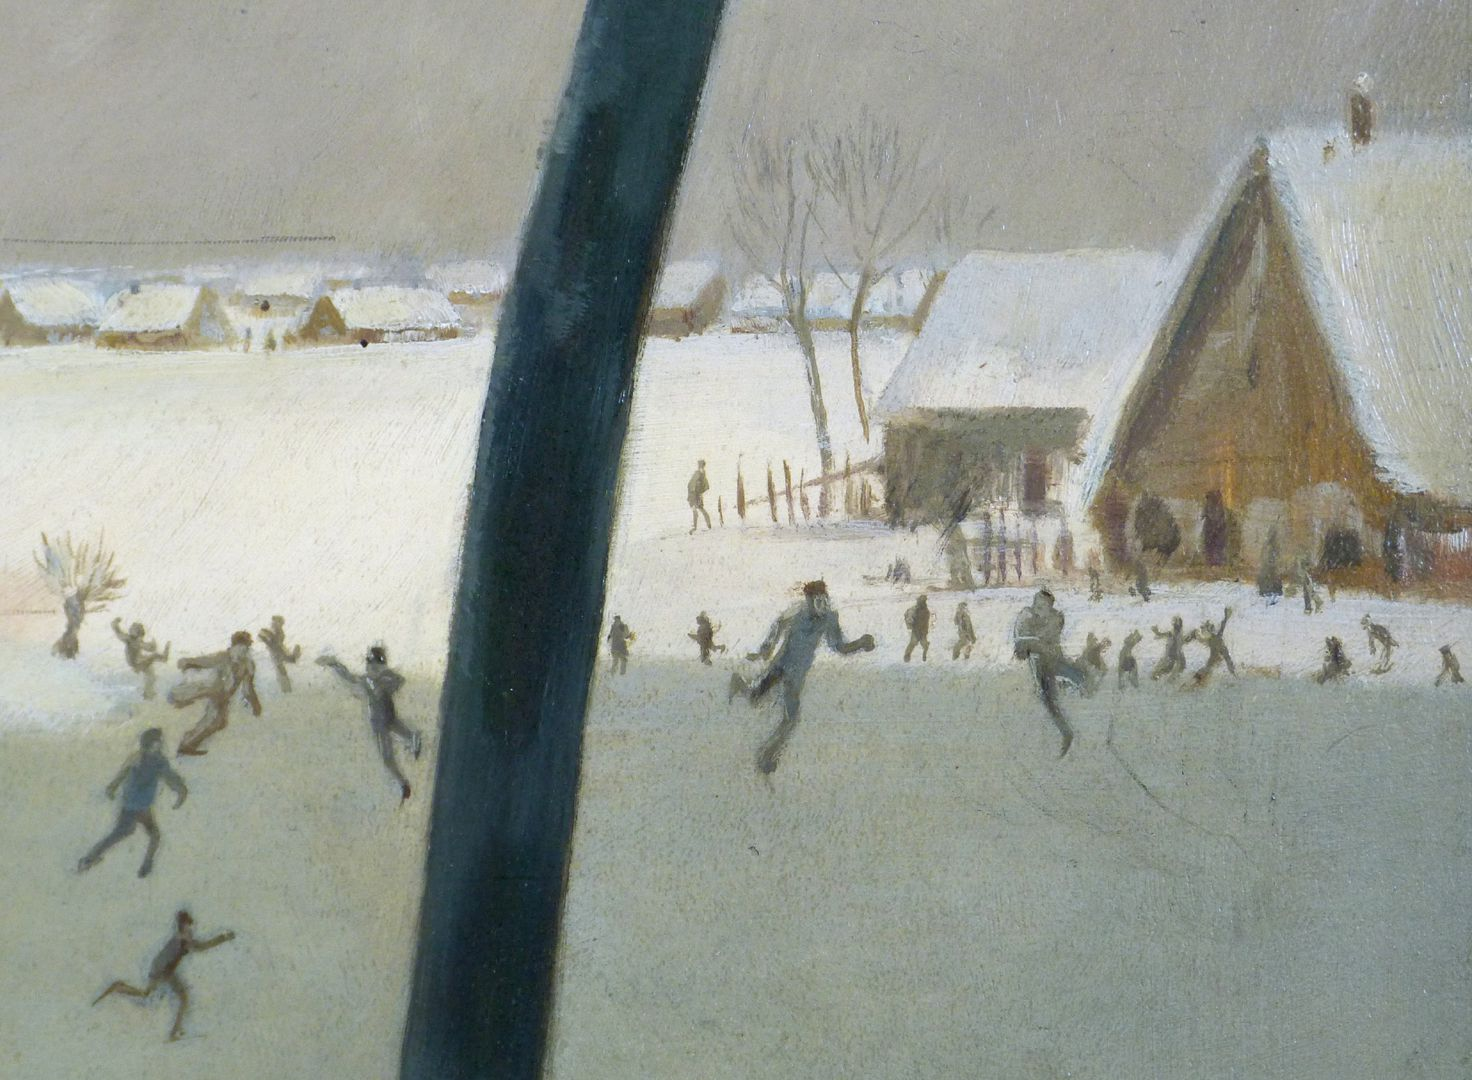 Winter im Knoblauchsland bei Nürnberg Bildausschnitt mit Eisläufern